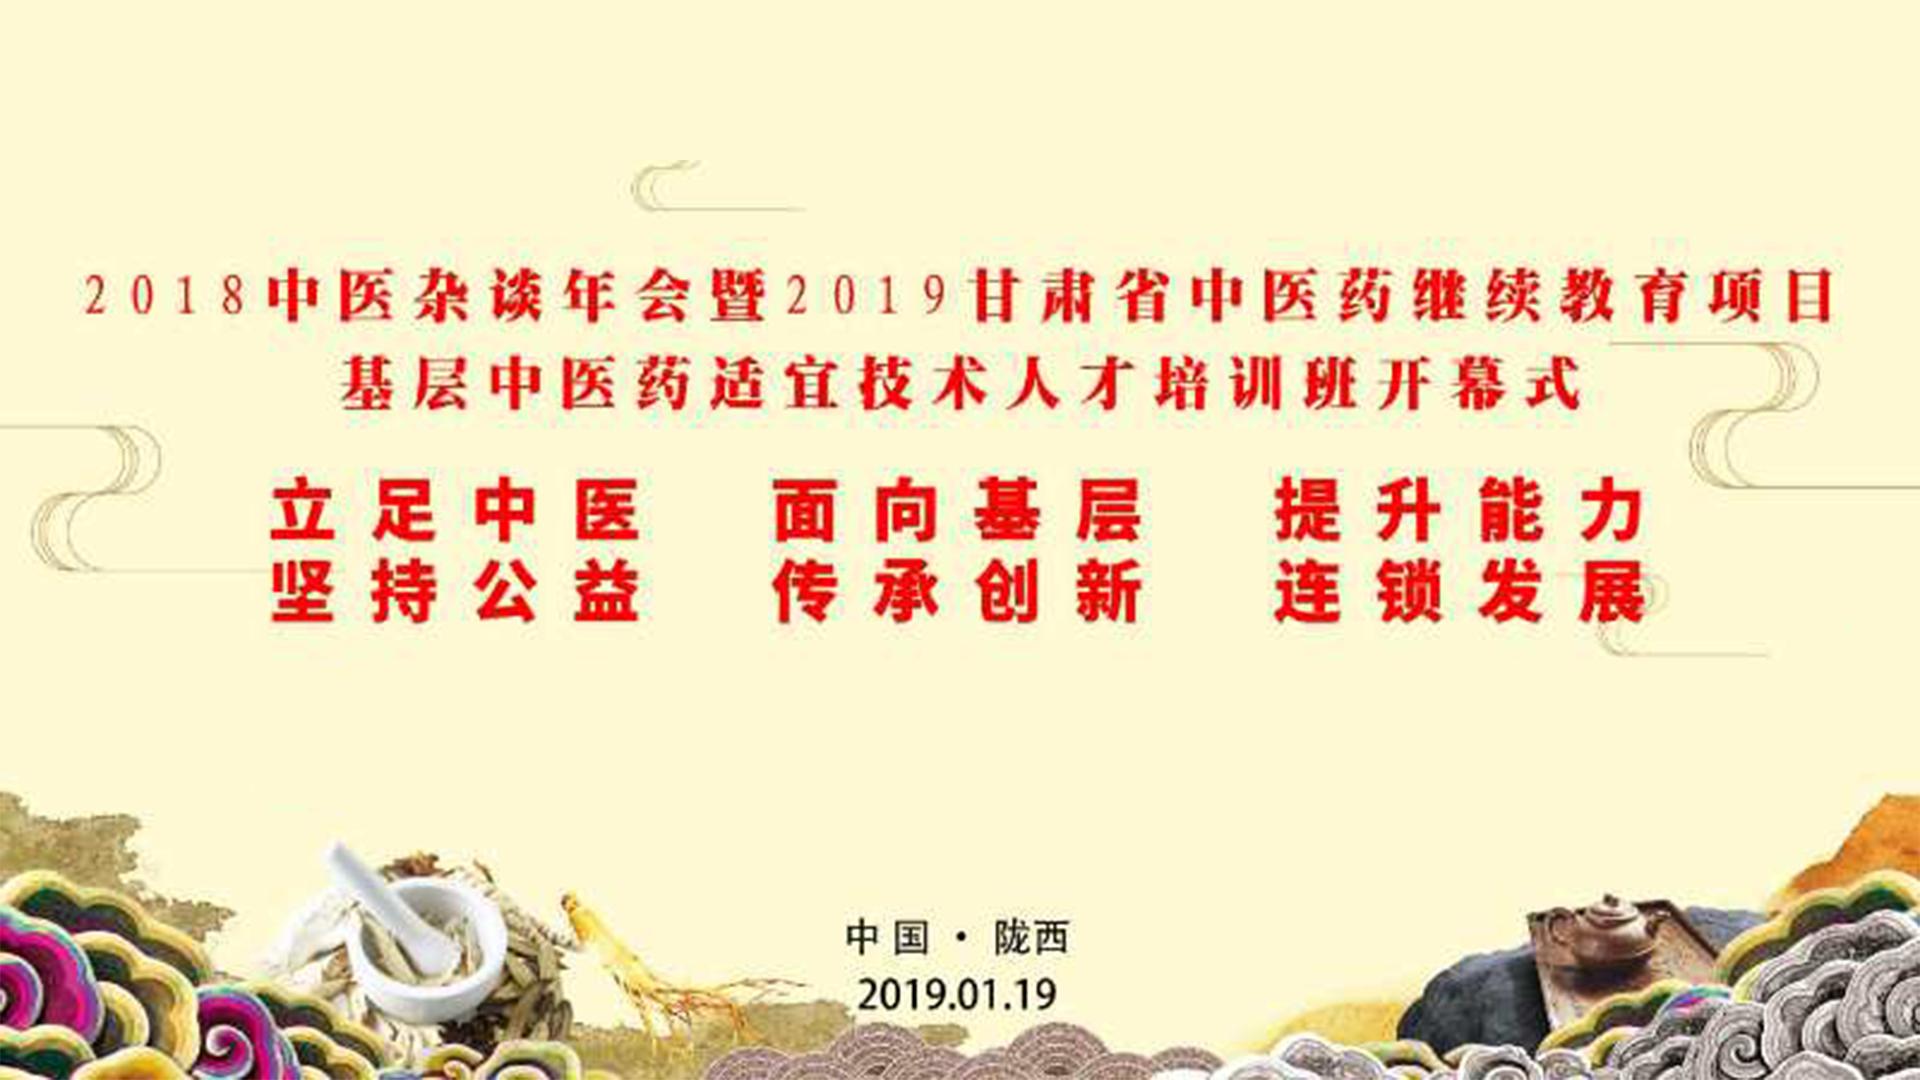 2018中医杂谈年会暨2019基层中医药适宜技术人才培训班